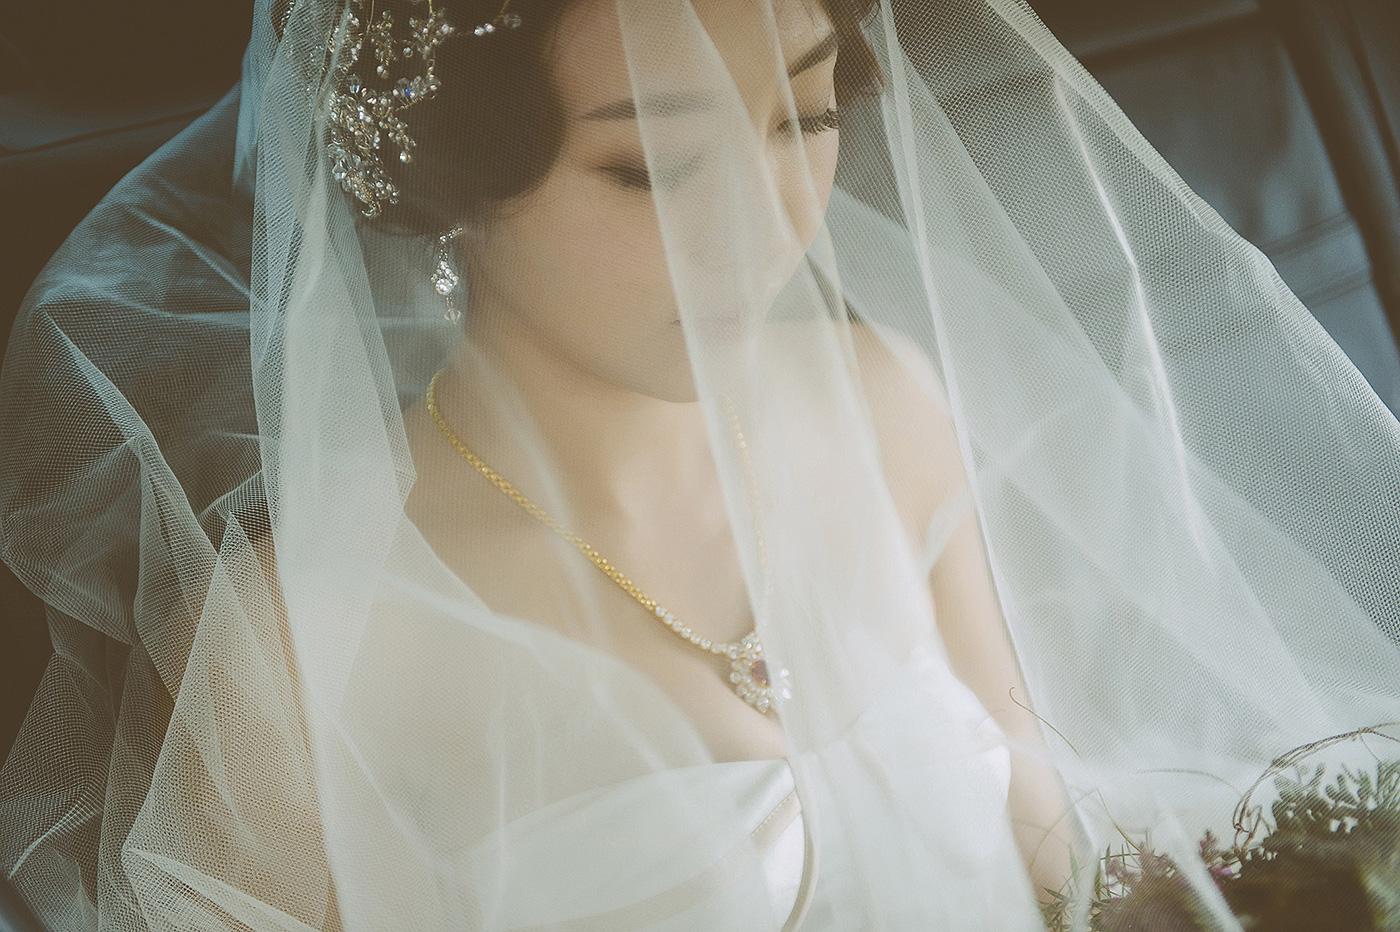 nickchang_wedding_finart-32